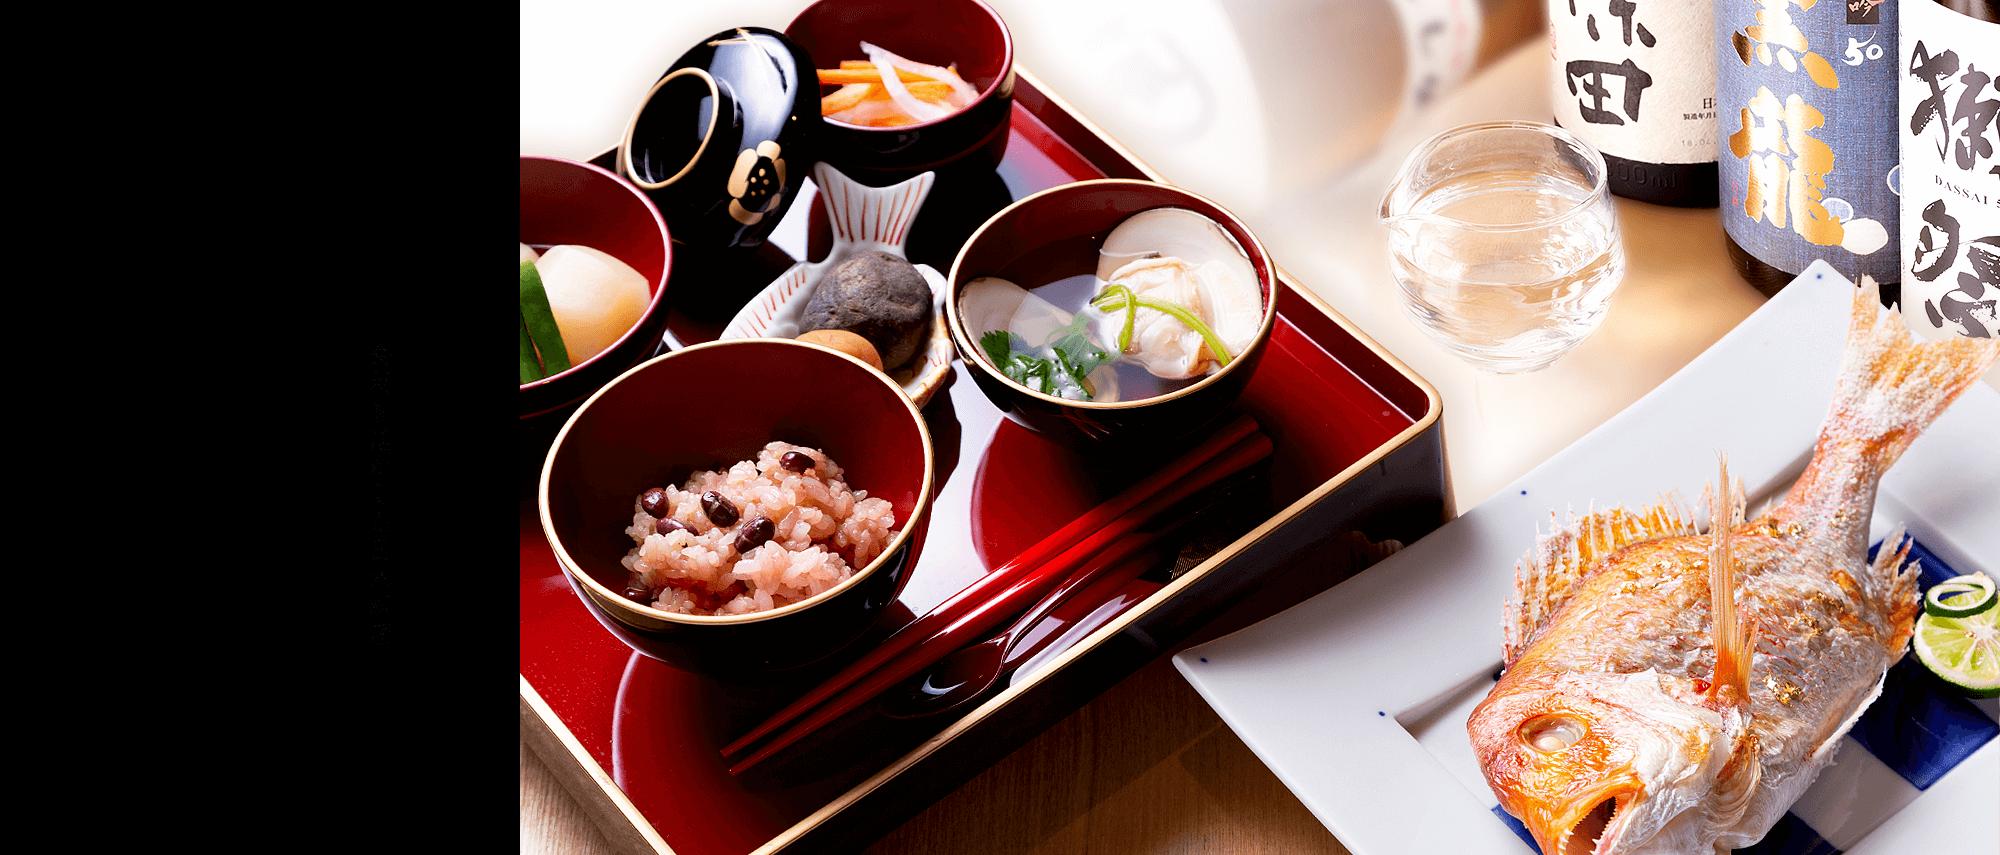 食材を活かした日本料理